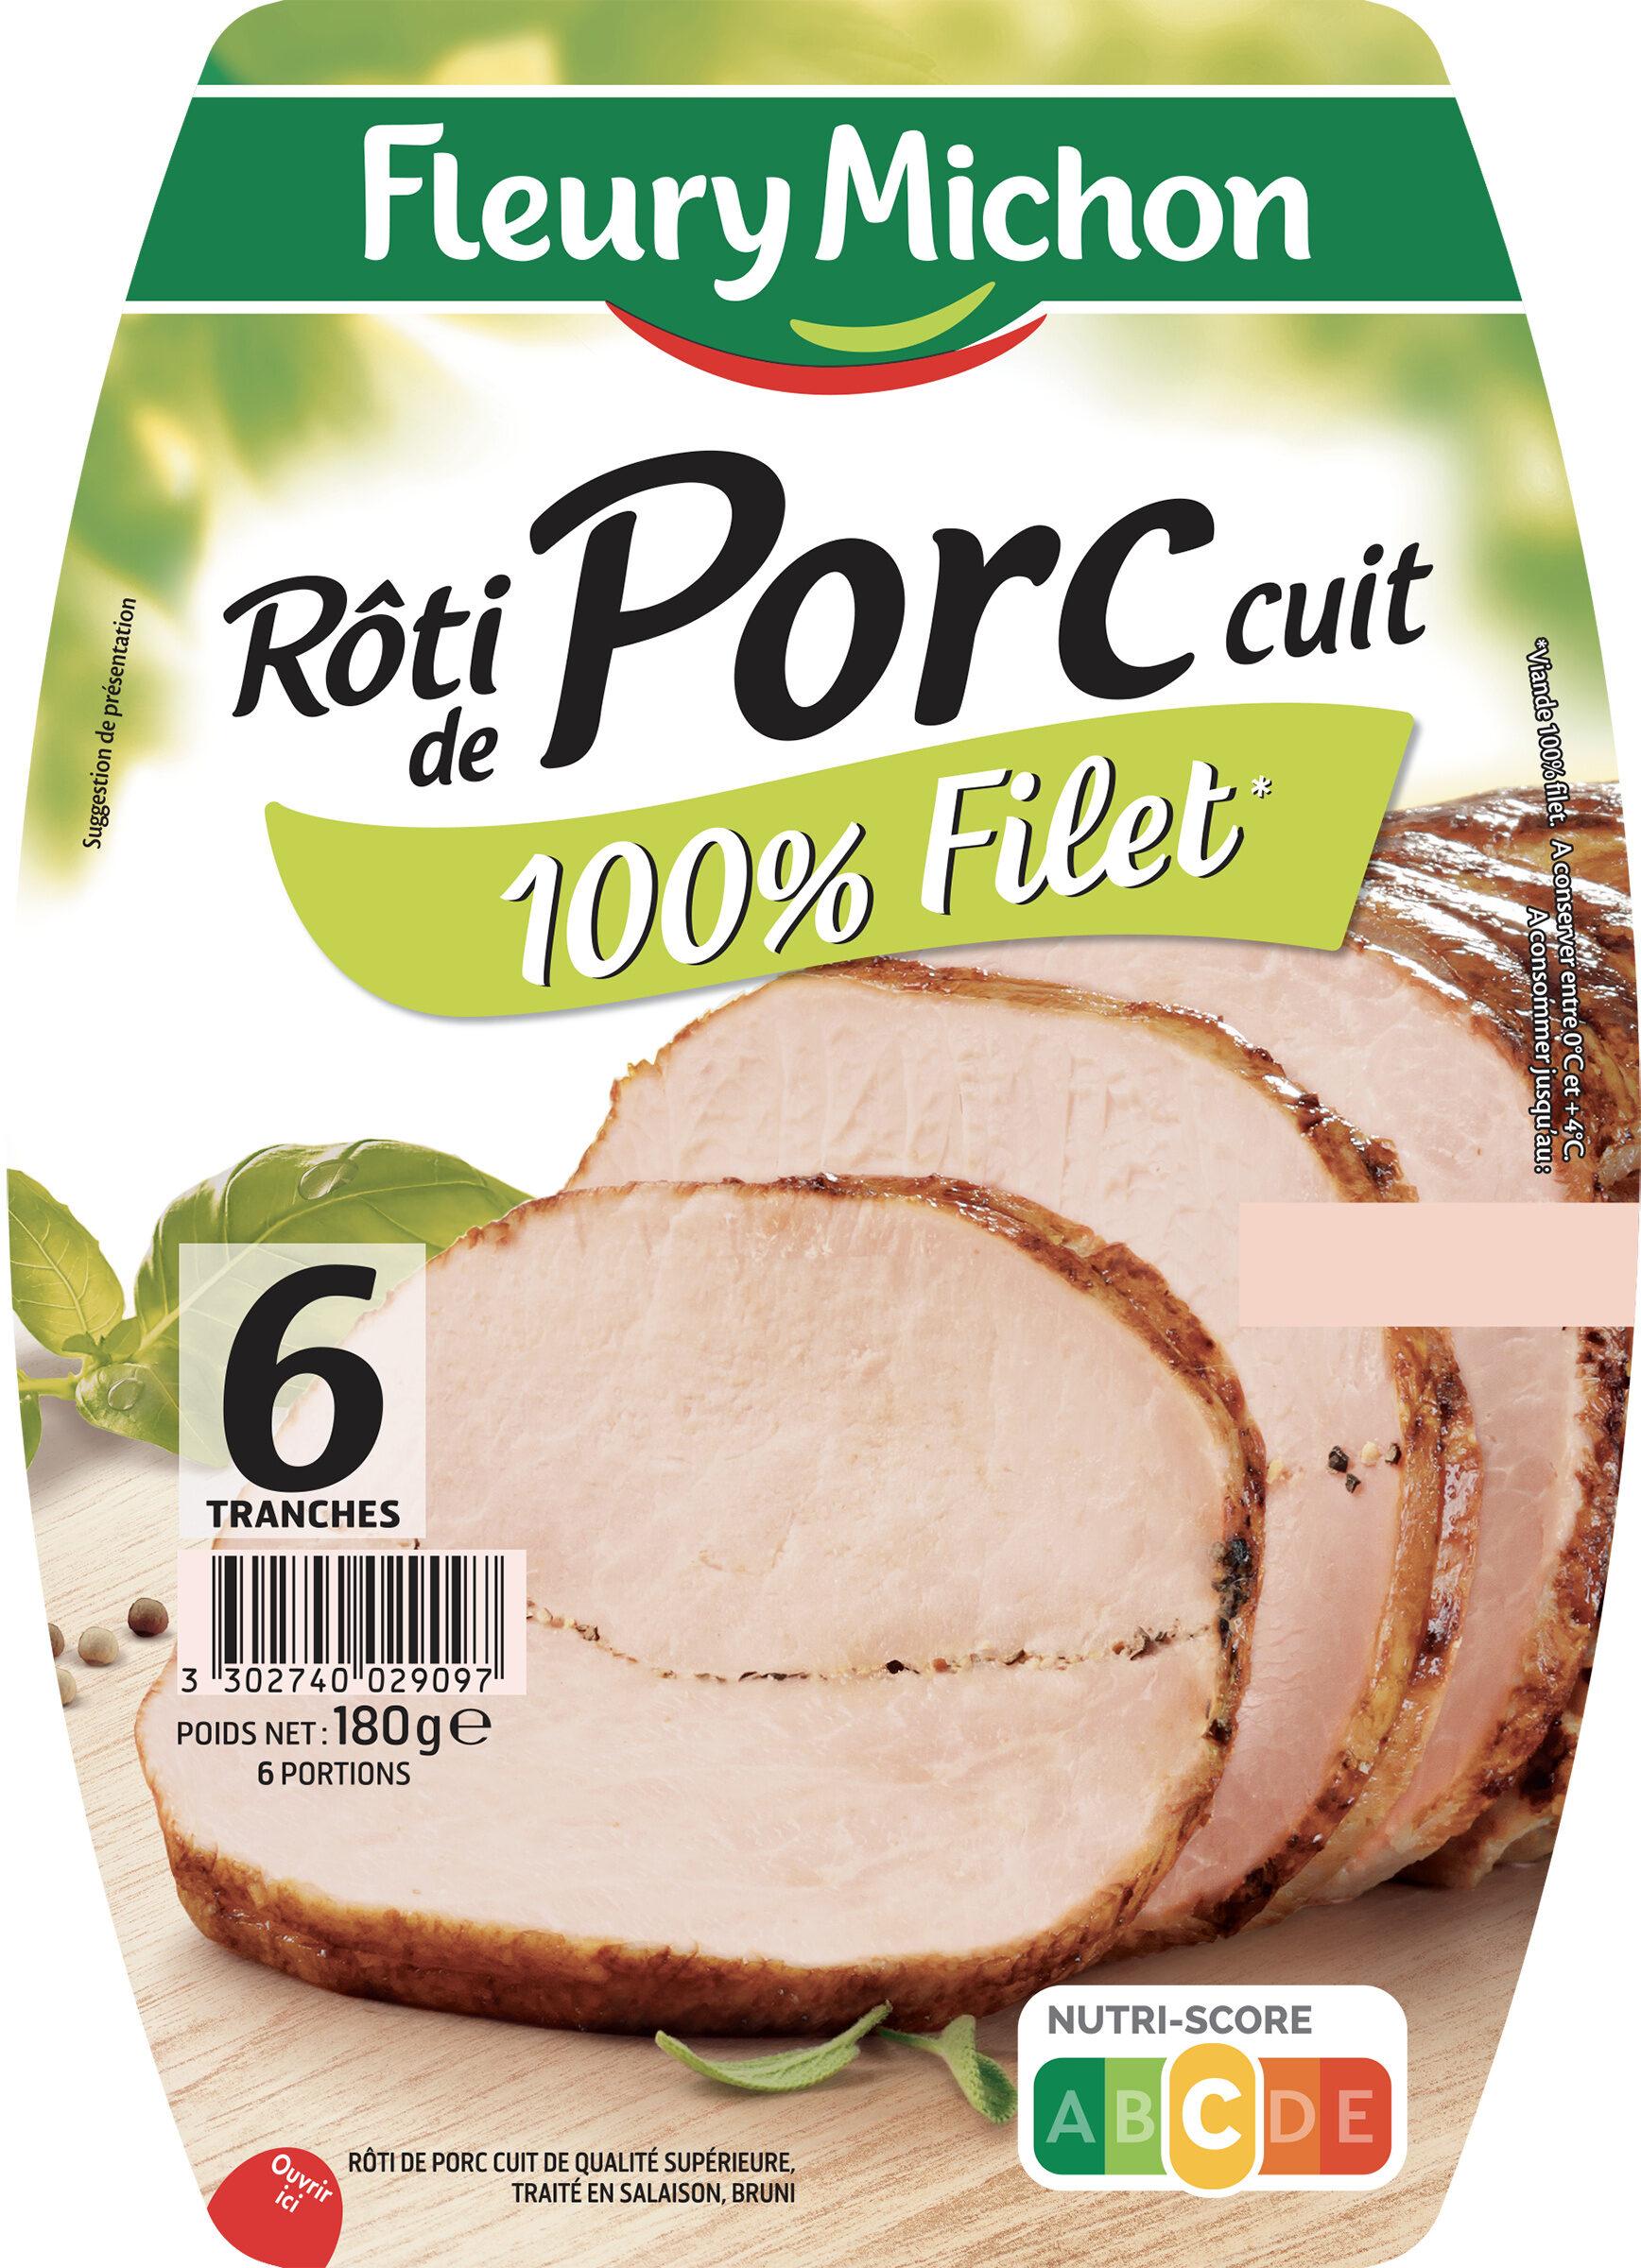 Rôti de Porc cuit - 100% filet* - 6tr - Product